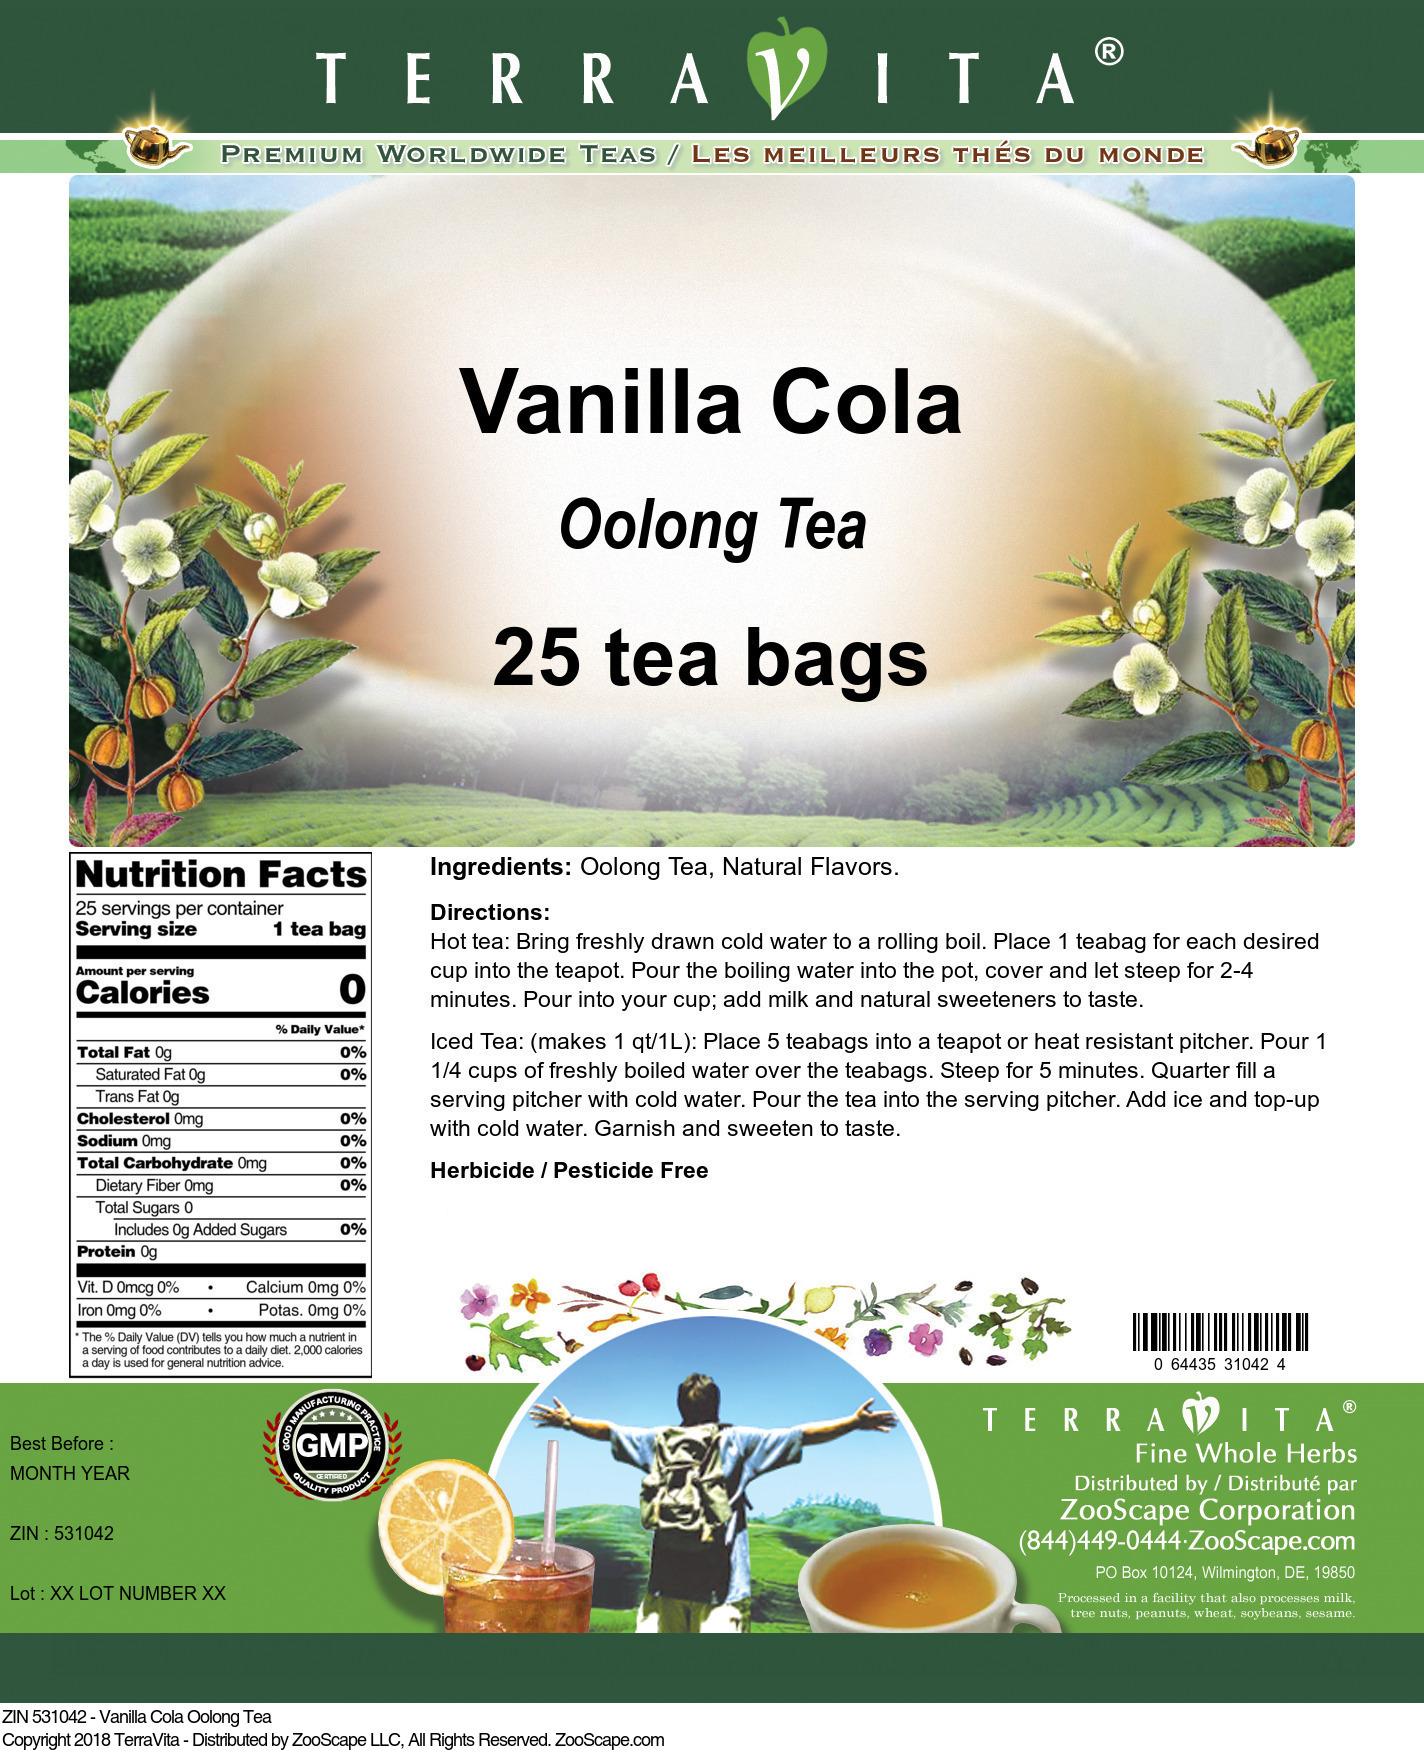 Vanilla Cola Oolong Tea